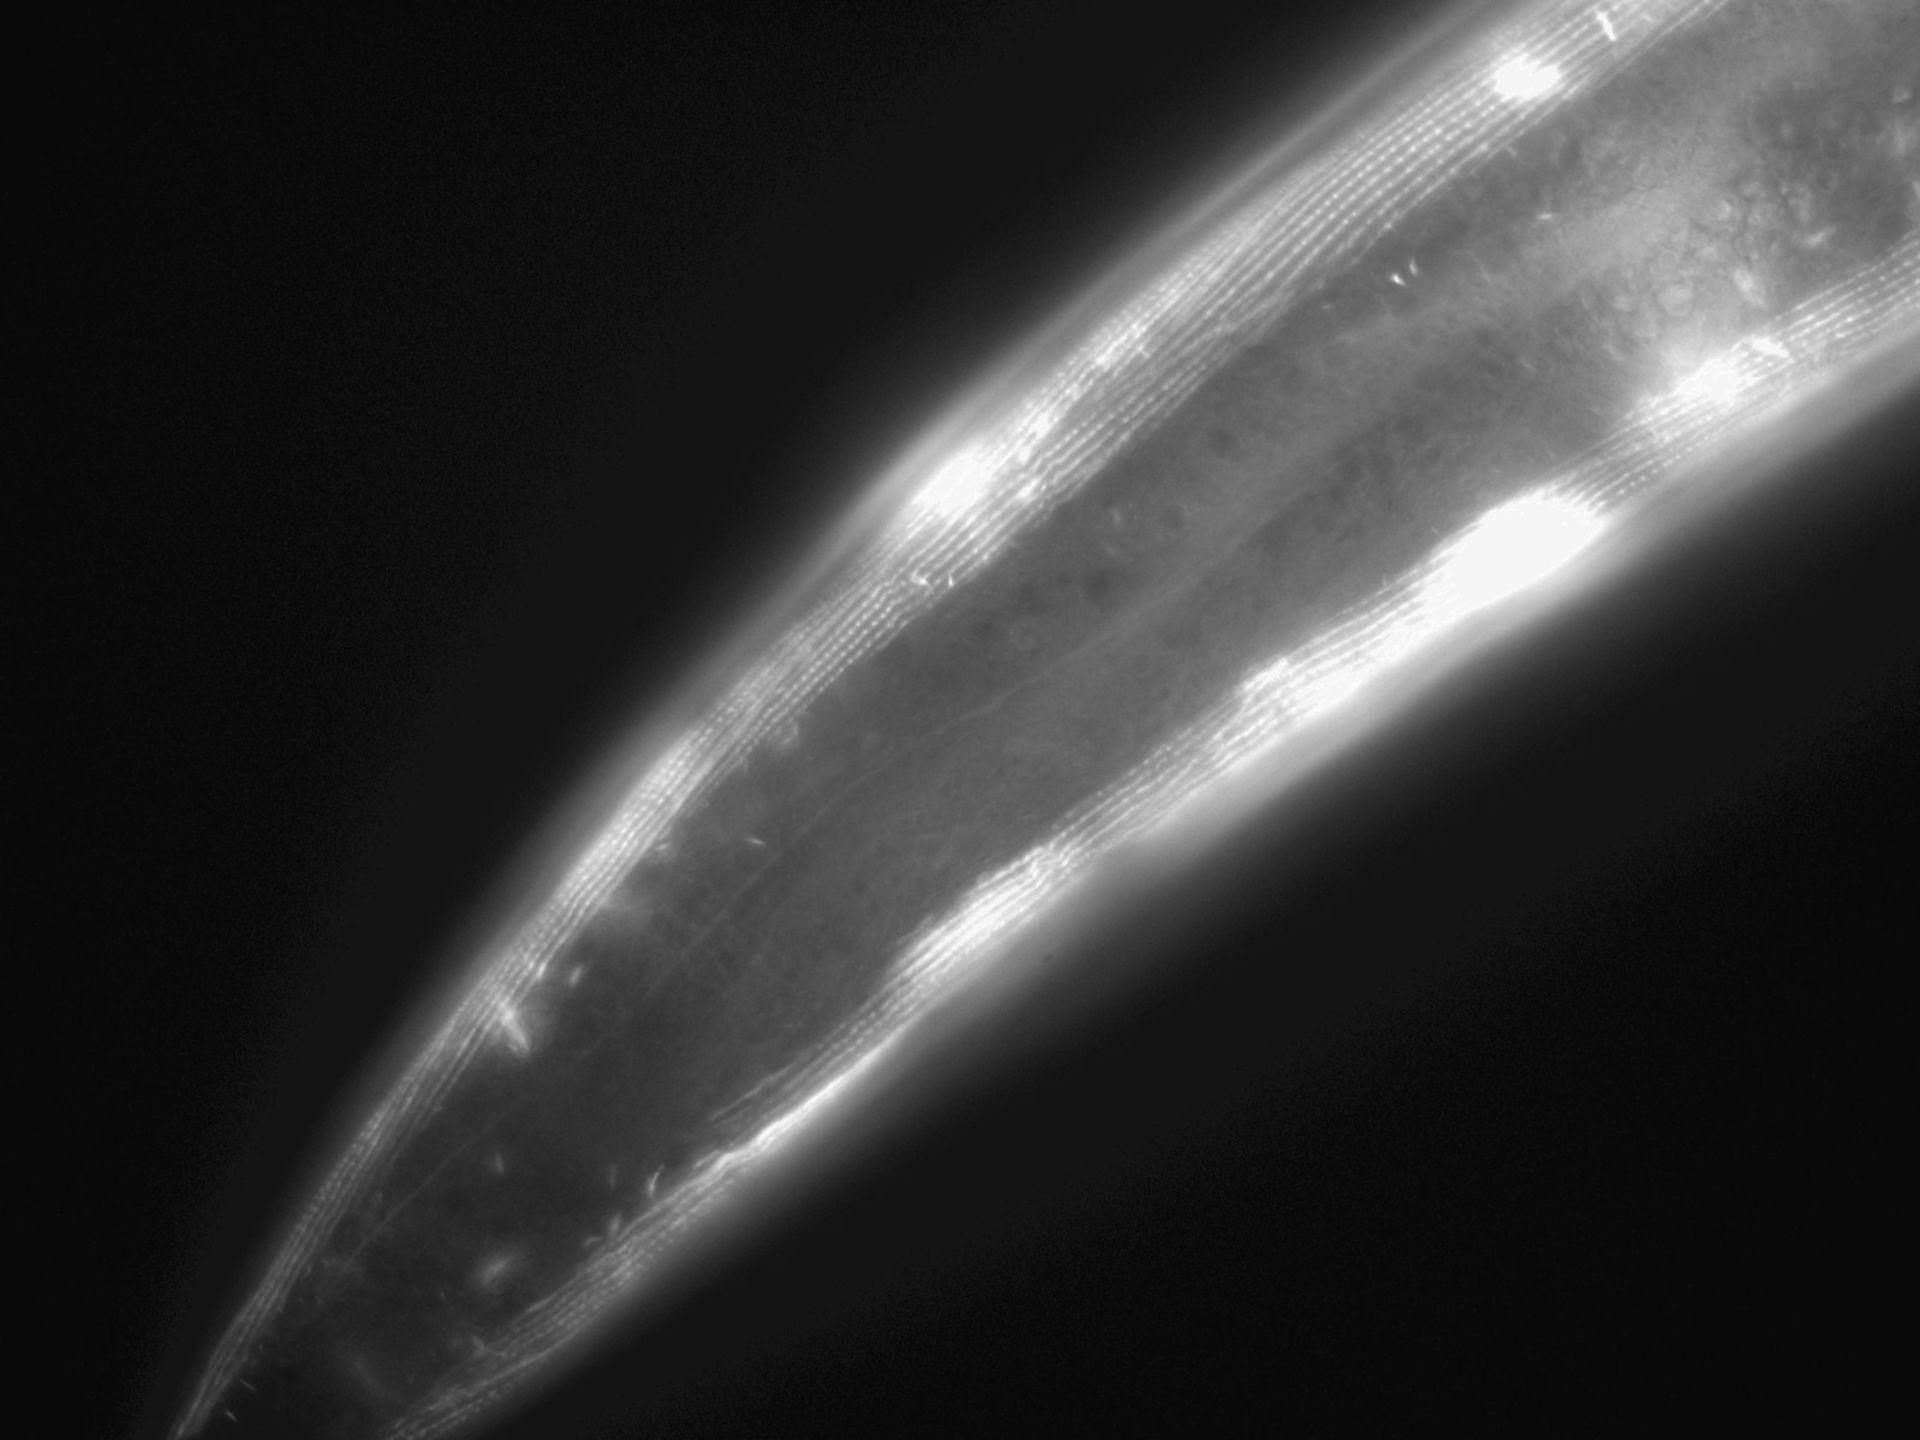 Caenorhabditis elegans (Actin filament) - CIL:1039